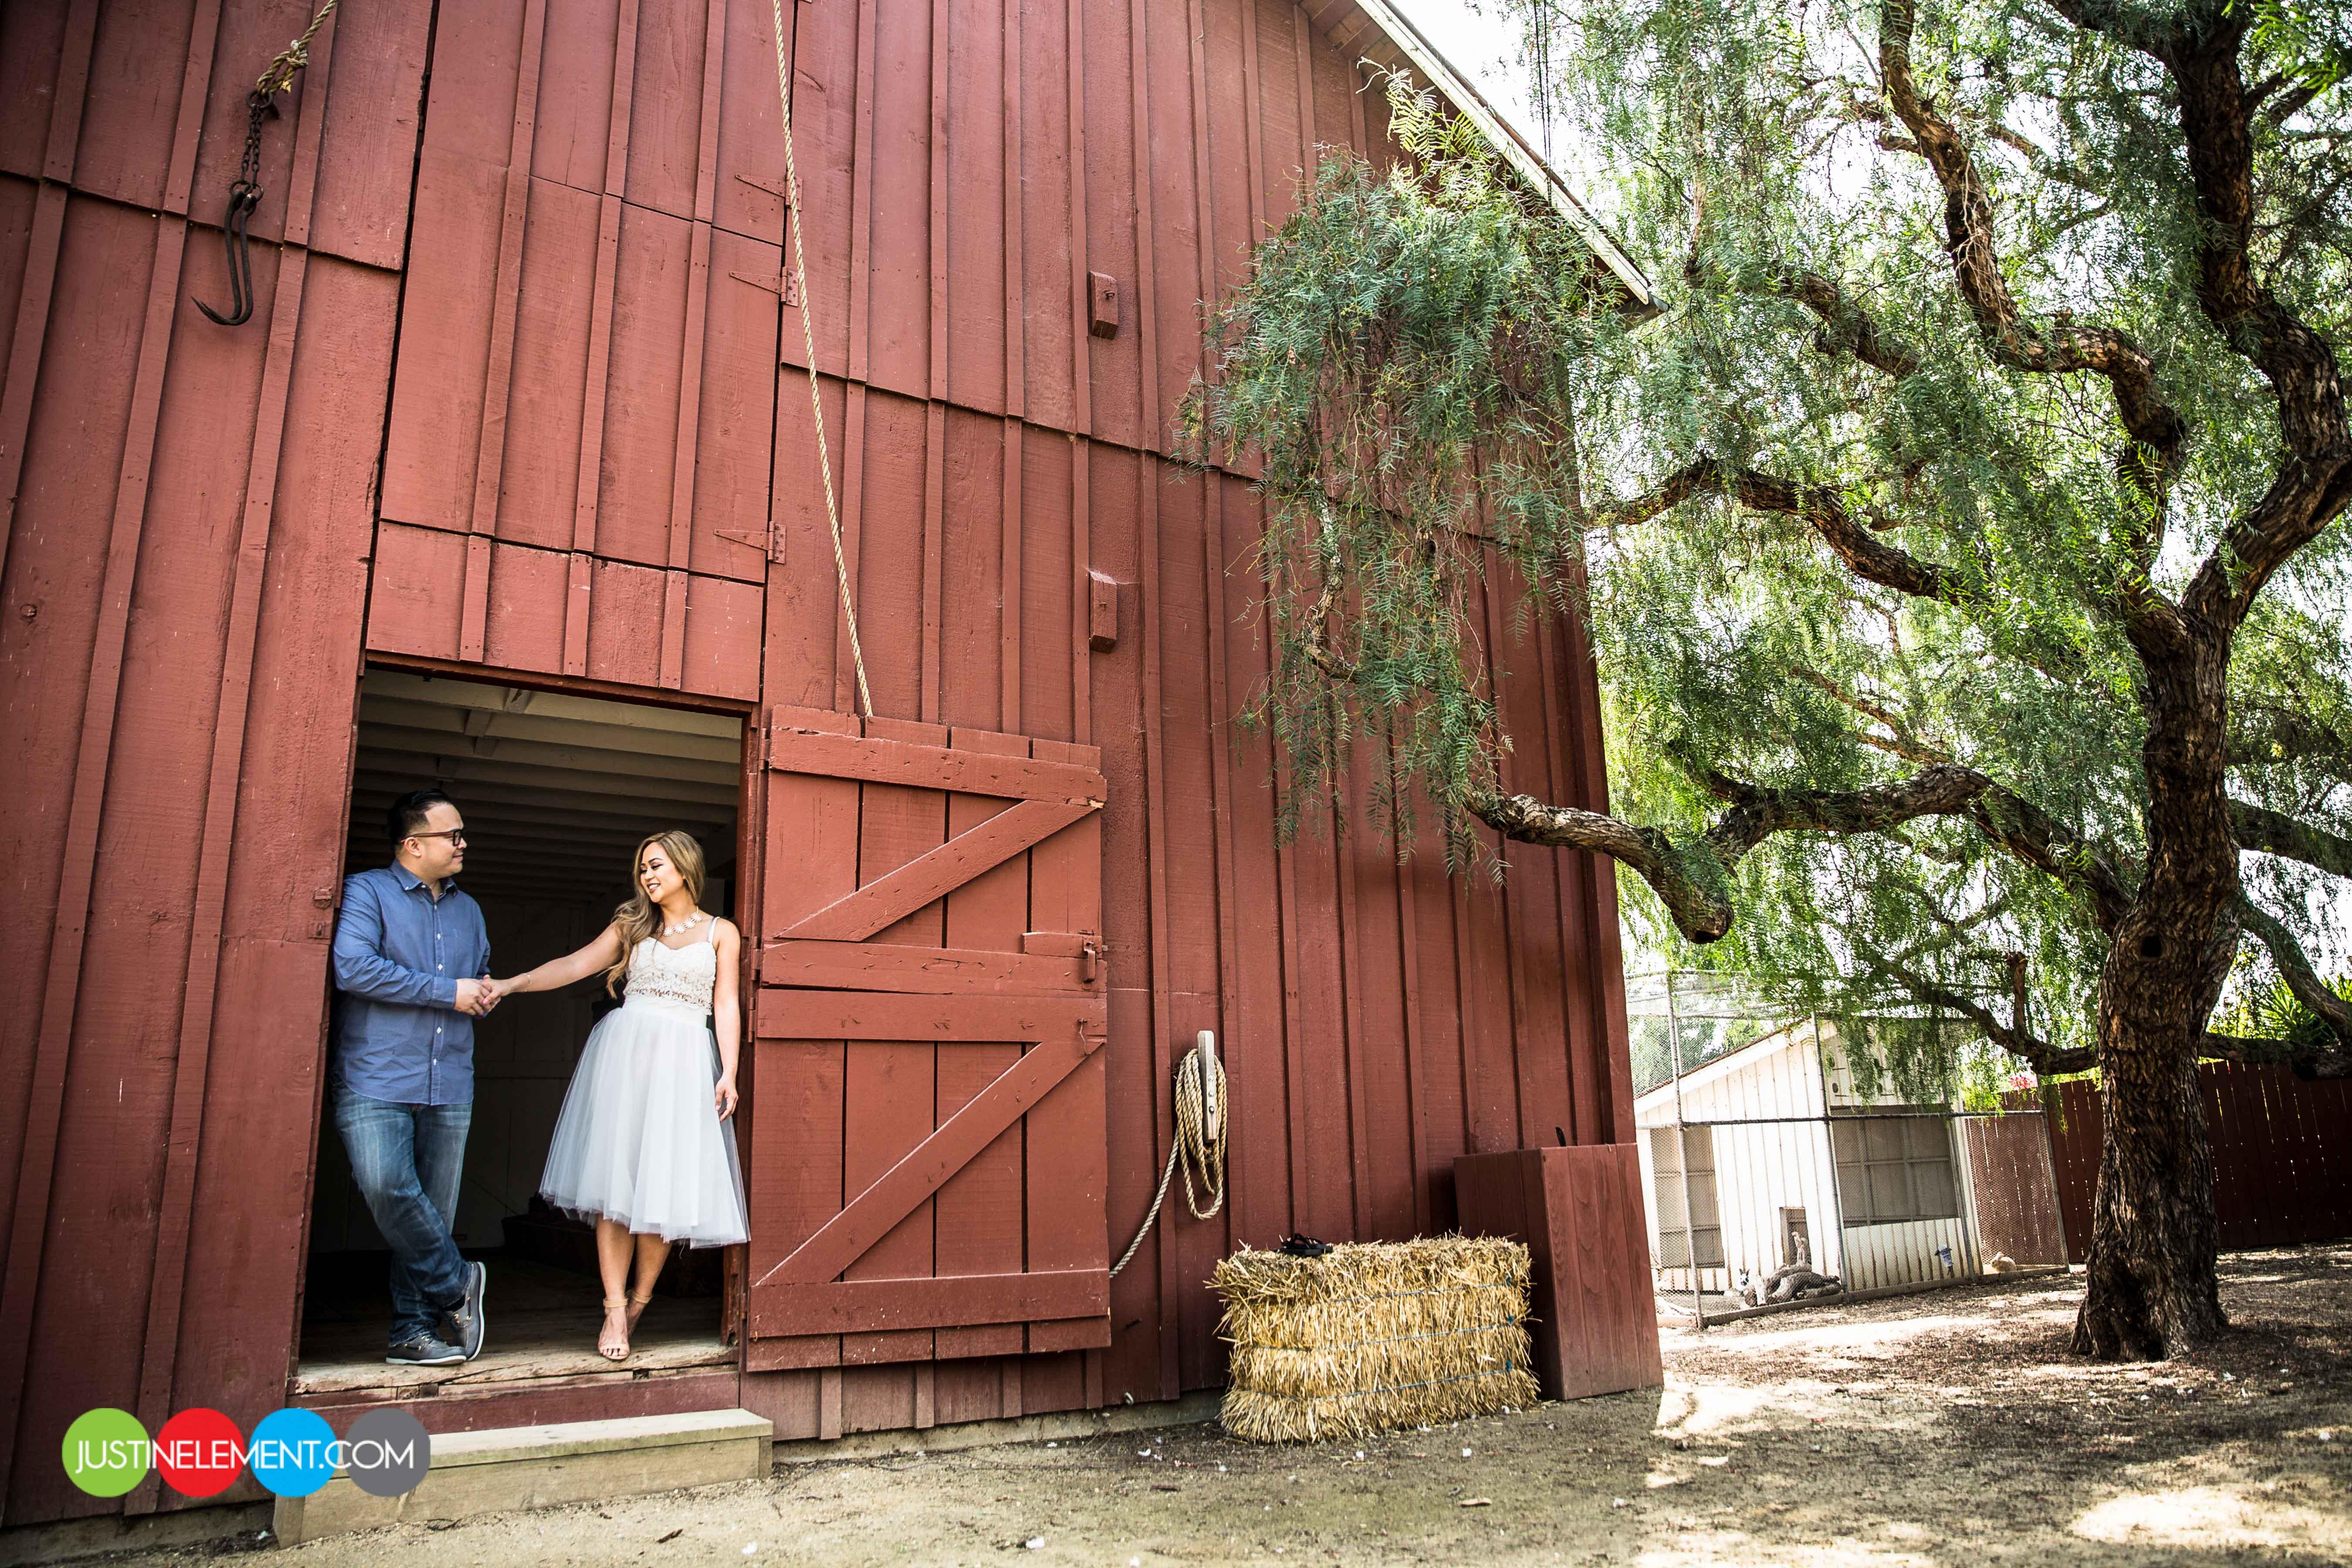 Rancho Los Alamitos Rustic Barn Engagement Photos 1 - barn wedding los angeles